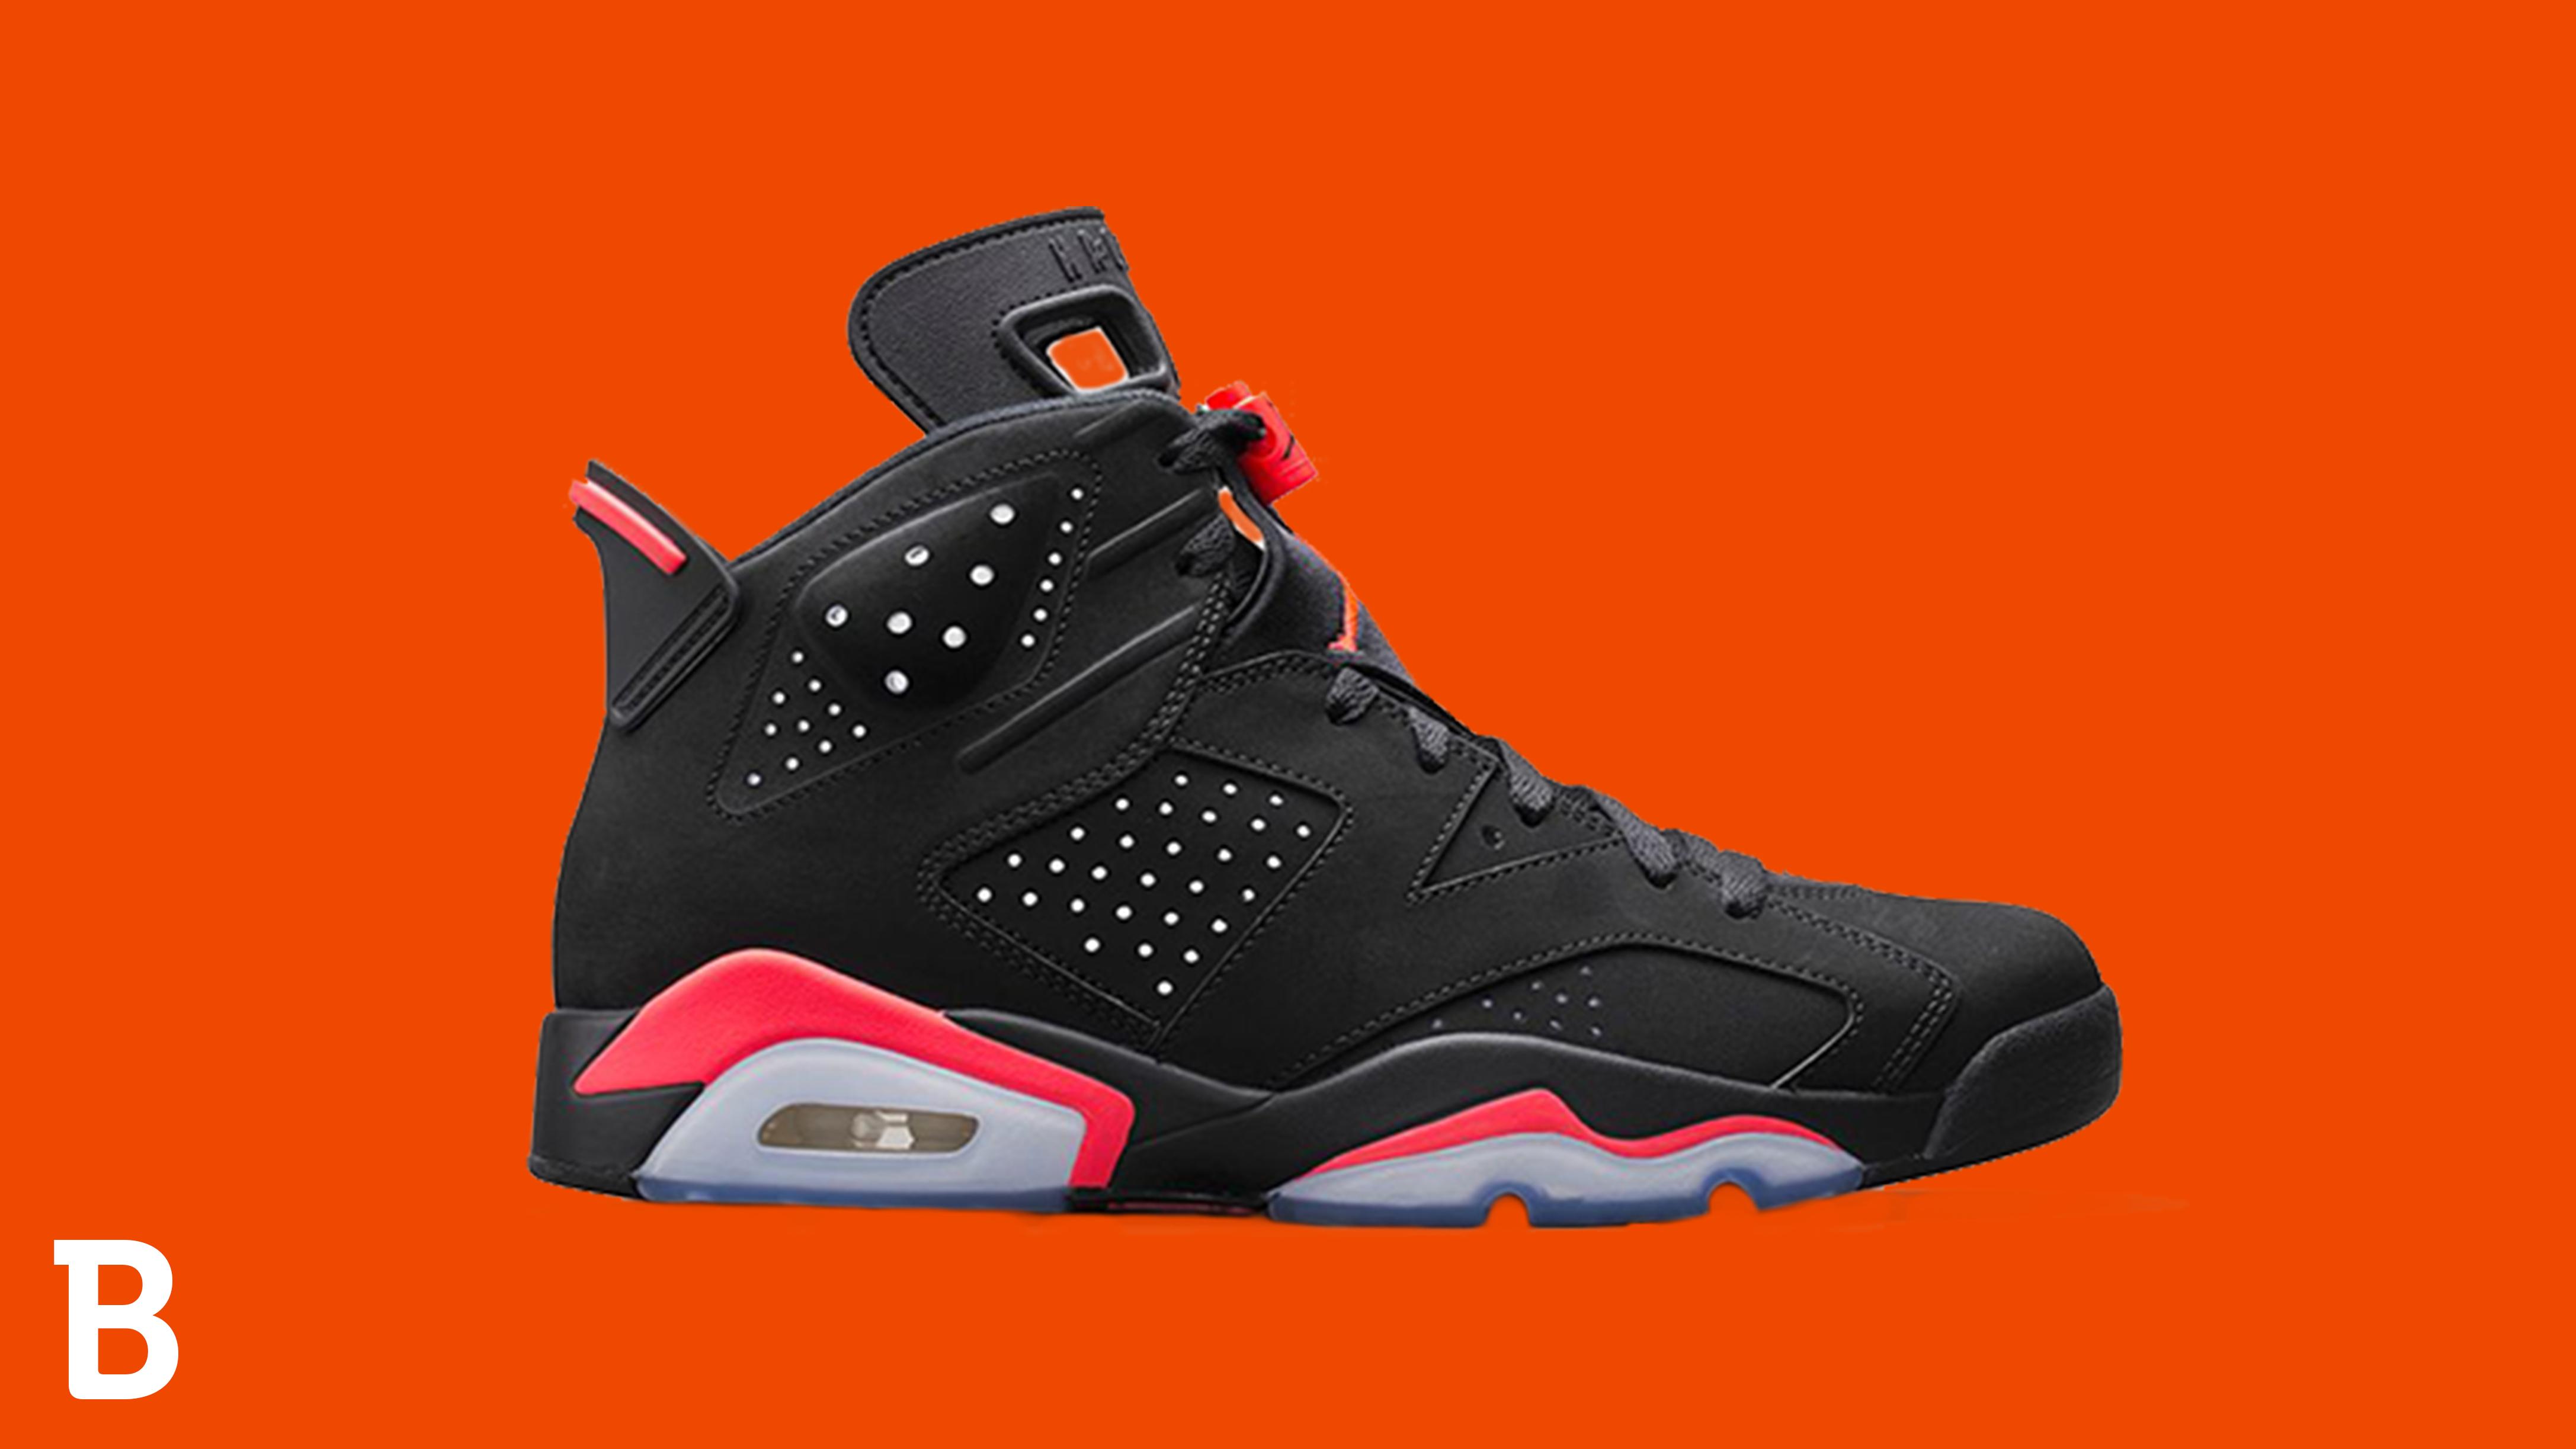 5miles Sneakers Face-off: Adidas Yeezy vs. Nike Jordans